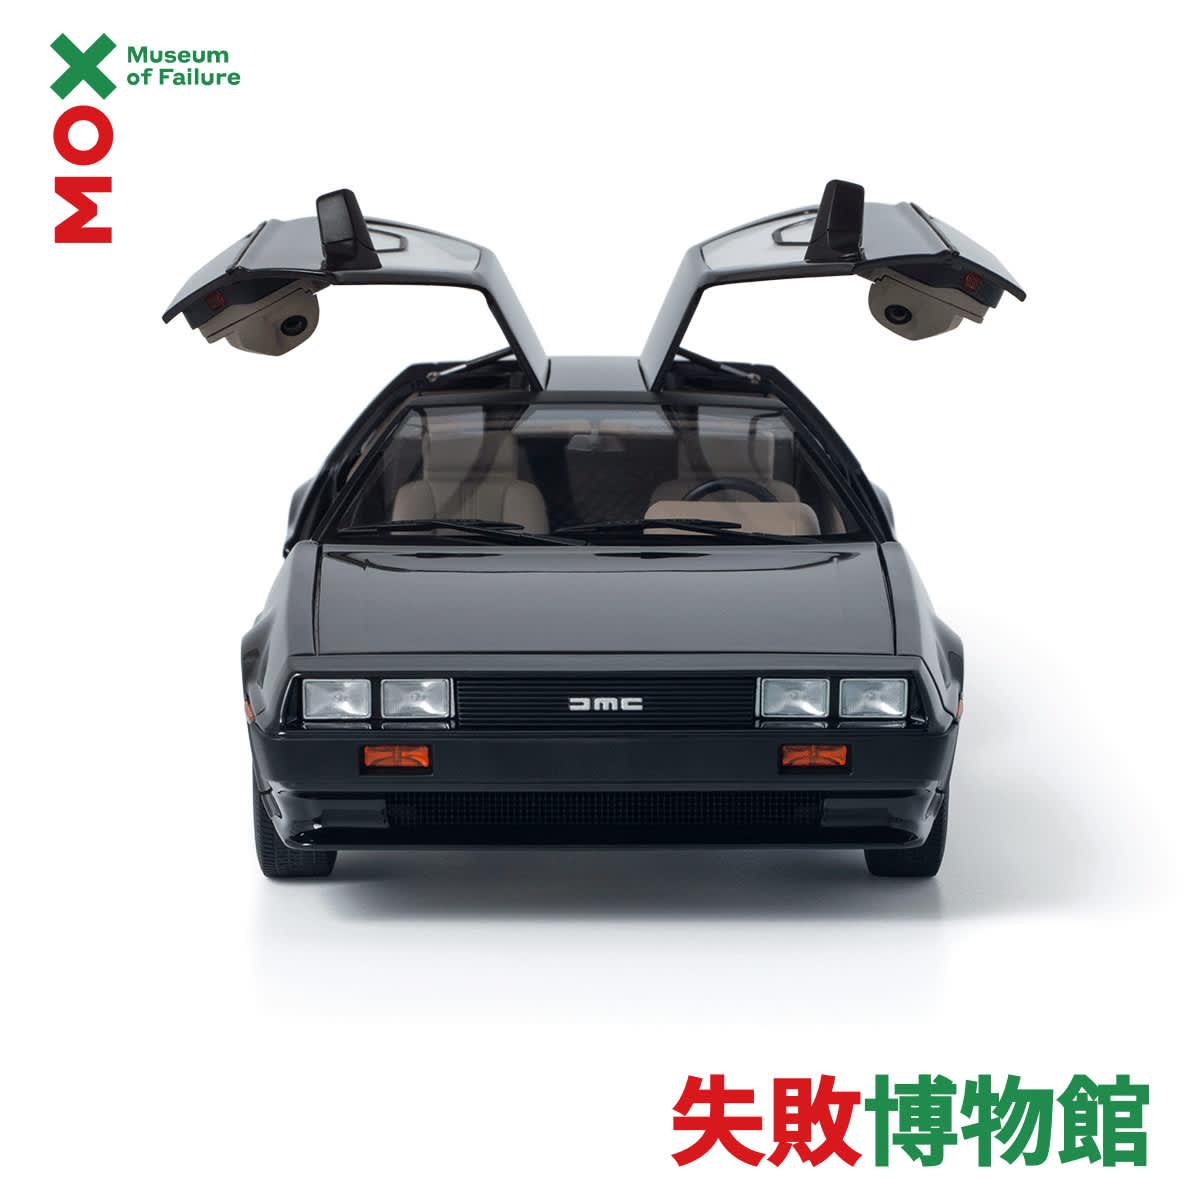 造型酷炫的汽車居然也被收錄在「失敗博物館」的館藏!?